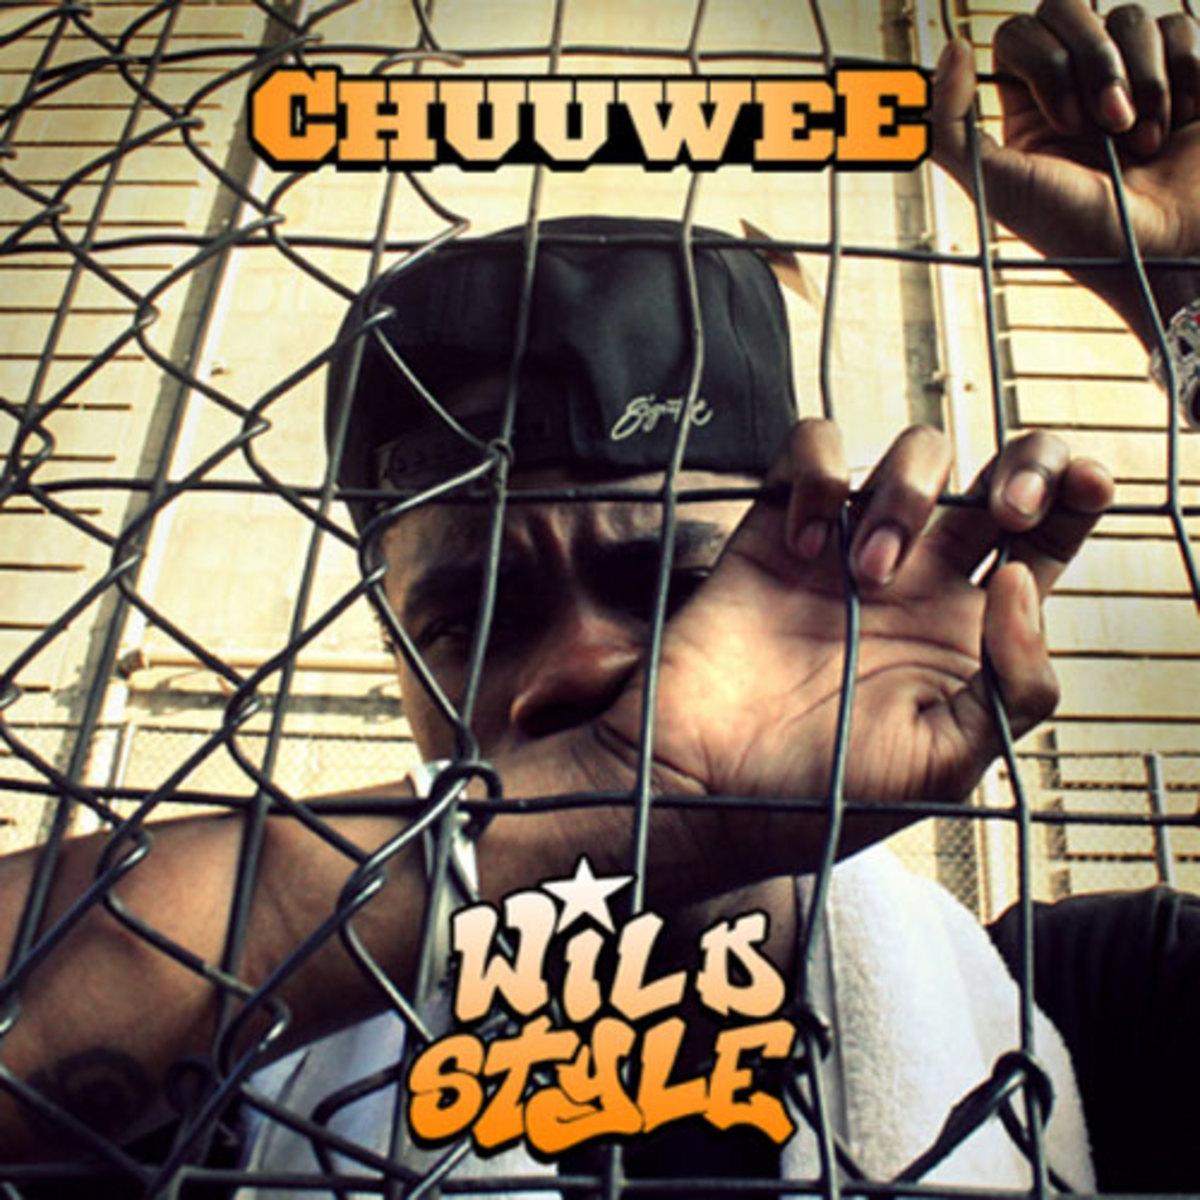 chuuwee-wildstyle.jpg